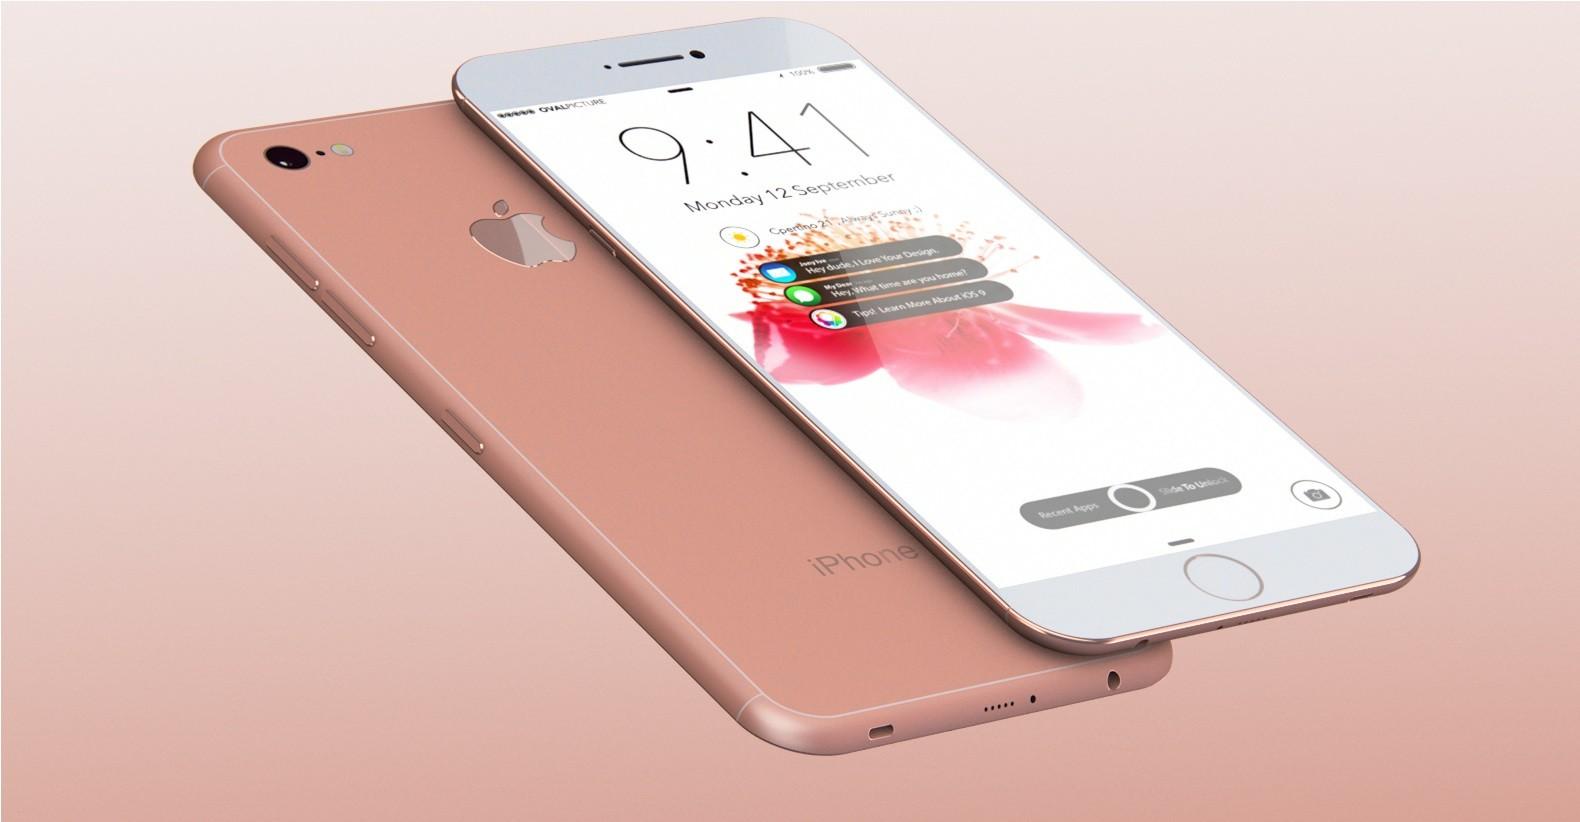 новый айфон 7 дата выхода фото